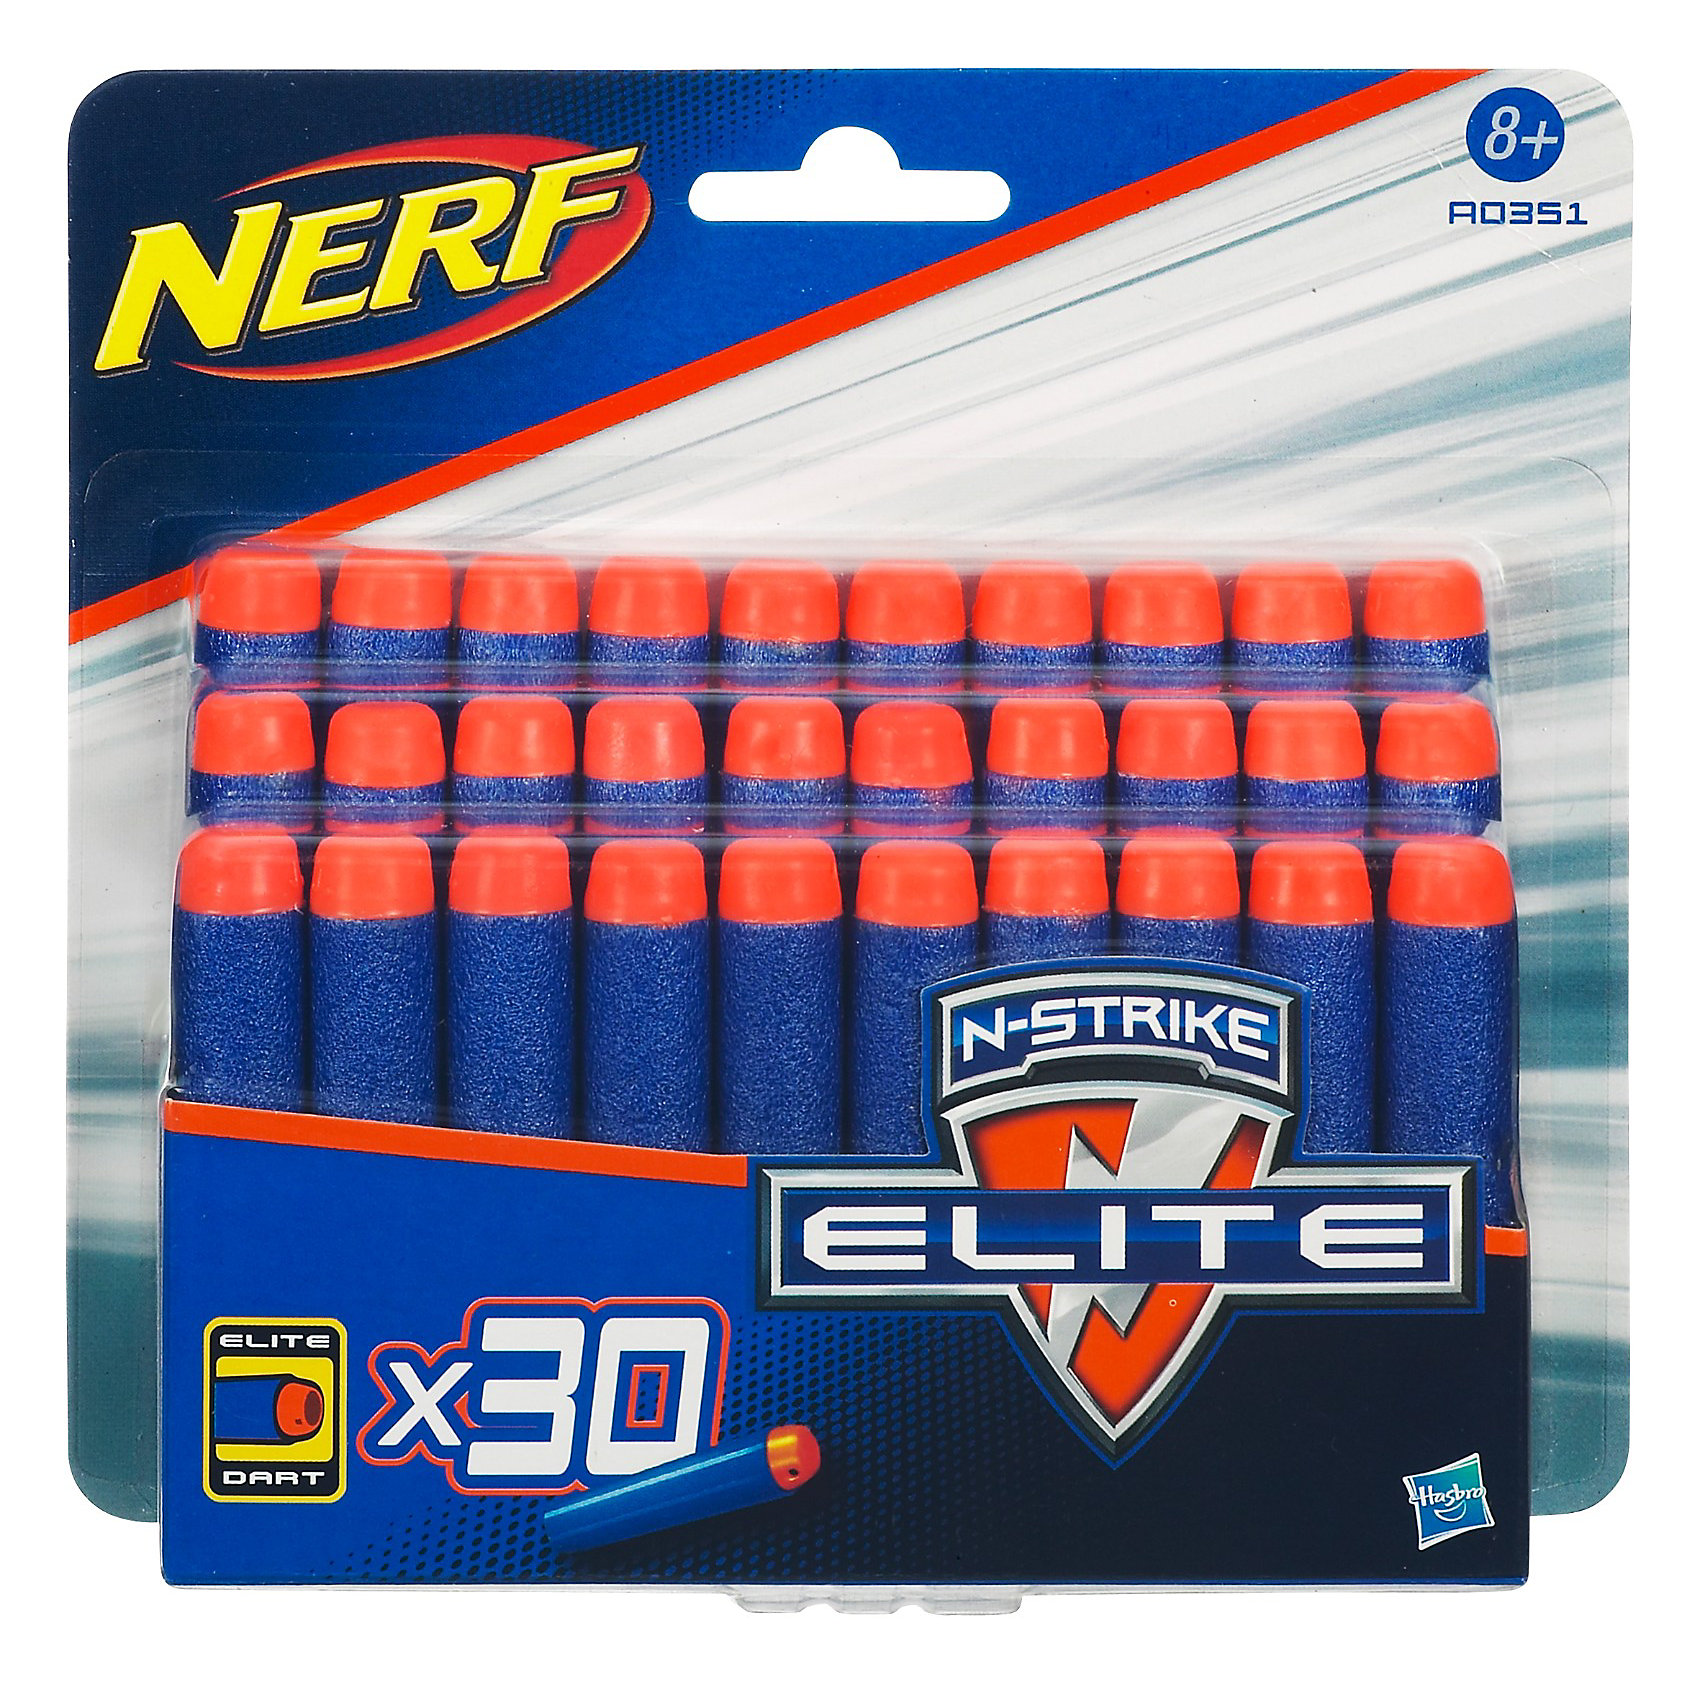 Комплект 30 стрел для бластеров, NERFБластеры, пистолеты и прочее<br>Комплект мягких и безопасных стрел, которые подходят к любому бластеру Nerf Элит.<br><br>Дополнительная информация:<br>- Материал: резина.<br>- В комплекте: 30 шт.<br><br>Комплект из 30 стрел для бластеров, Nerf можно купить в нашем интернет - магазине.<br><br>Ширина мм: 161<br>Глубина мм: 152<br>Высота мм: 40<br>Вес г: 66<br>Возраст от месяцев: 96<br>Возраст до месяцев: 144<br>Пол: Мужской<br>Возраст: Детский<br>SKU: 2624492